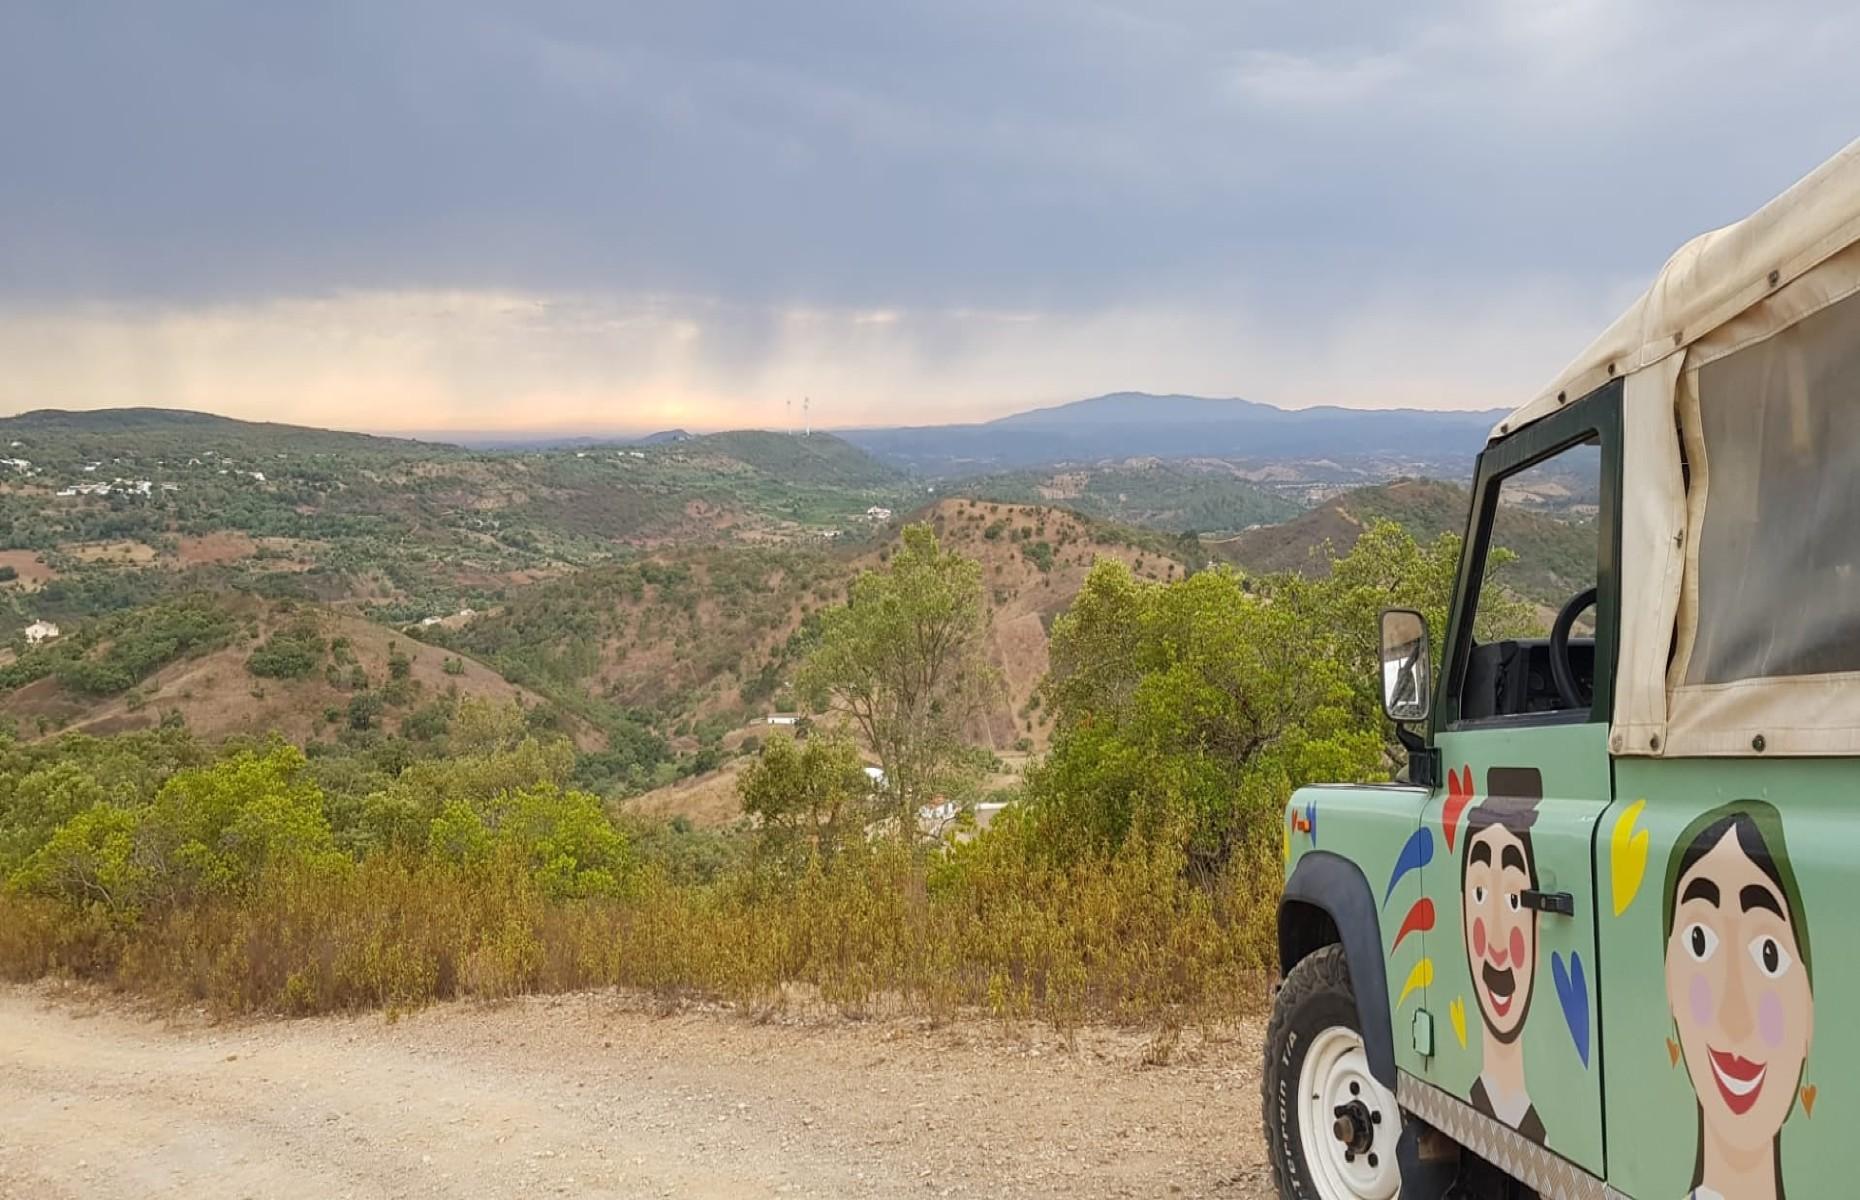 Extremo jeep (Image: Extremo Ambiente/Facebook)